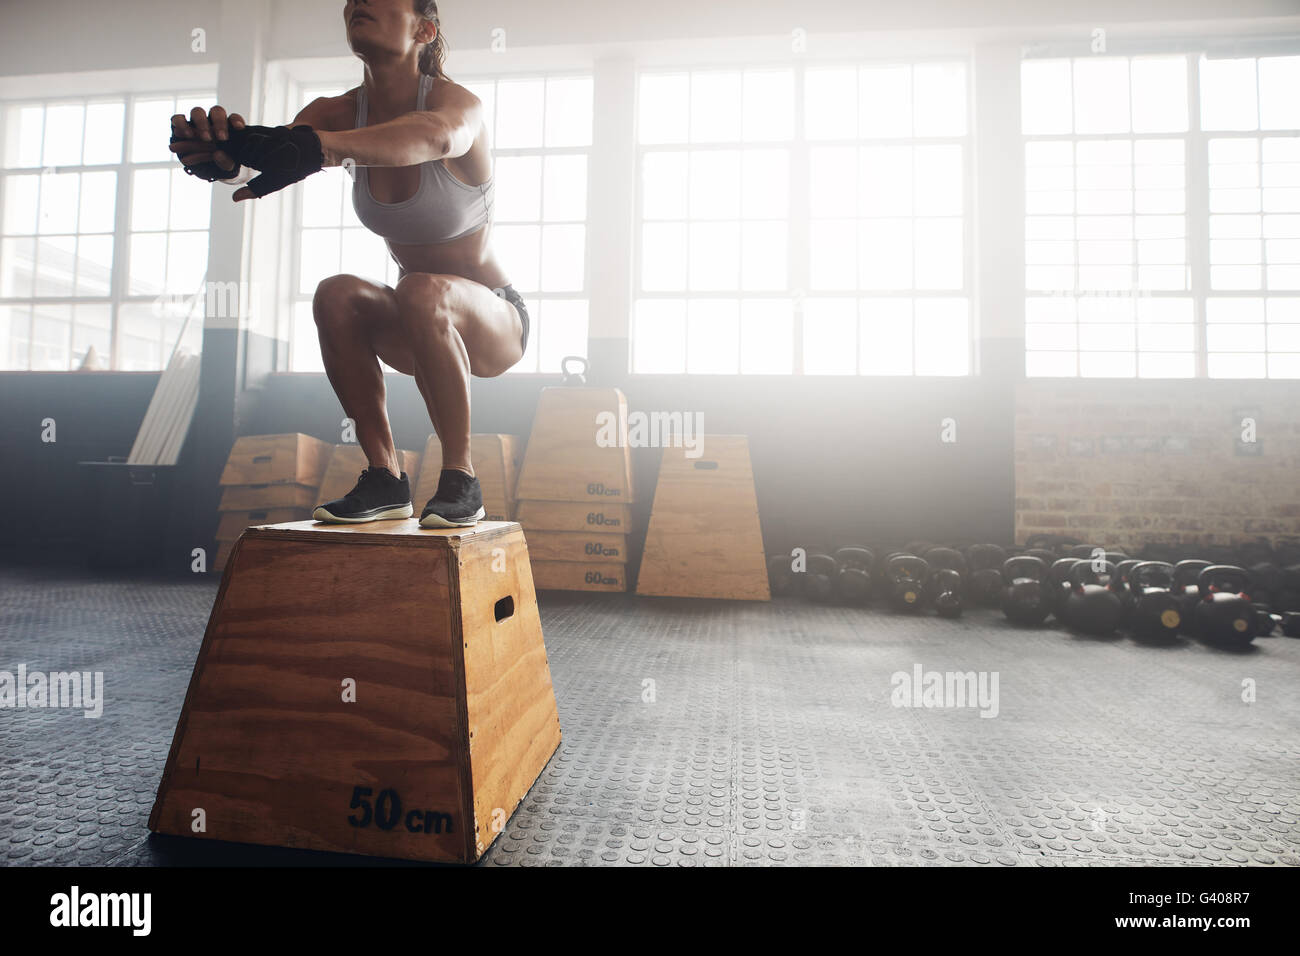 Colpo di una giovane donna di saltare su una scatola come parte di esercizio di routine. Donna Fitness casella facendo Immagini Stock